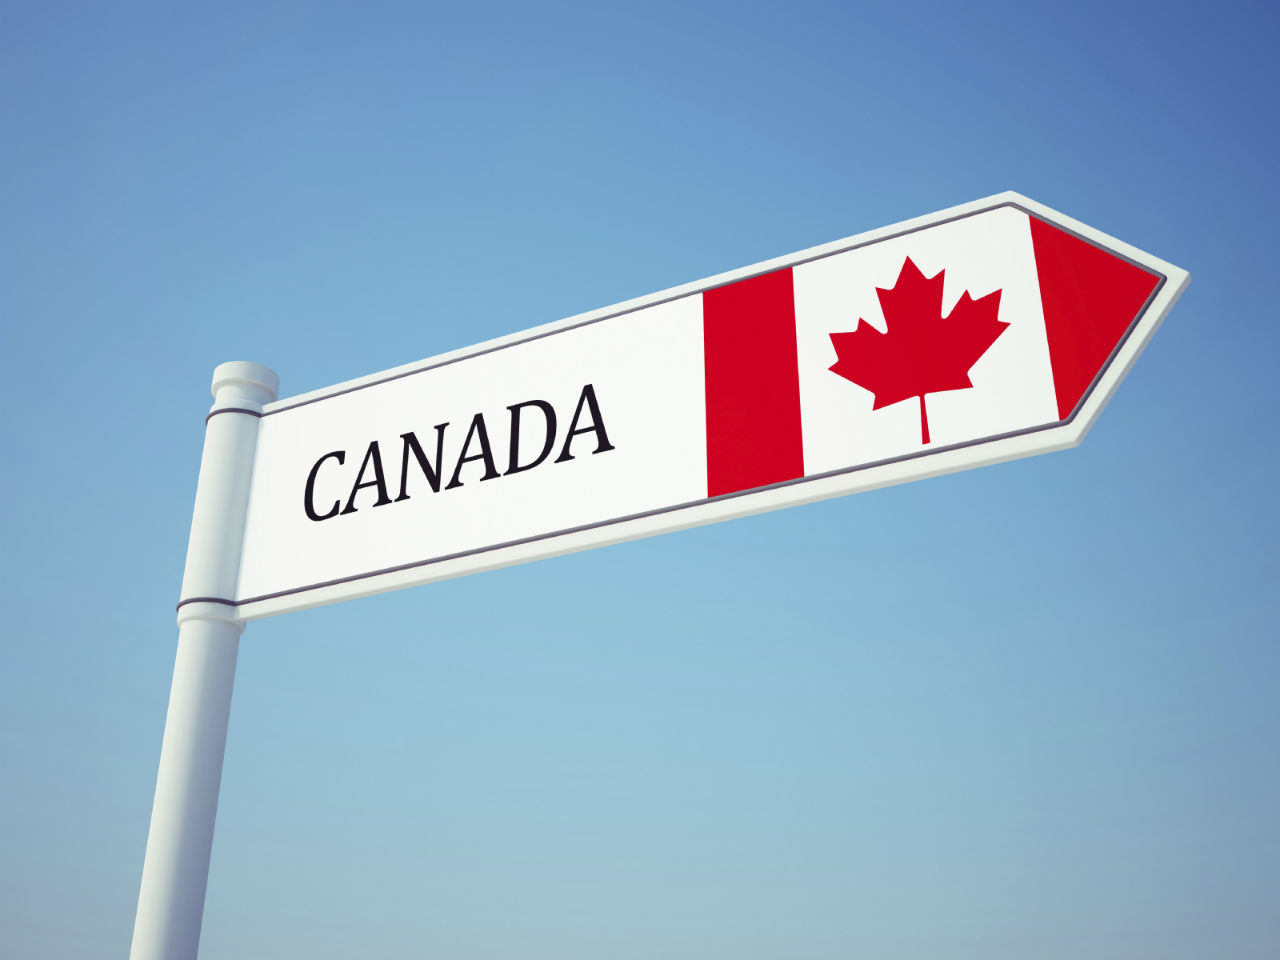 Định cư Canada 2017 và những điểm nổi bật